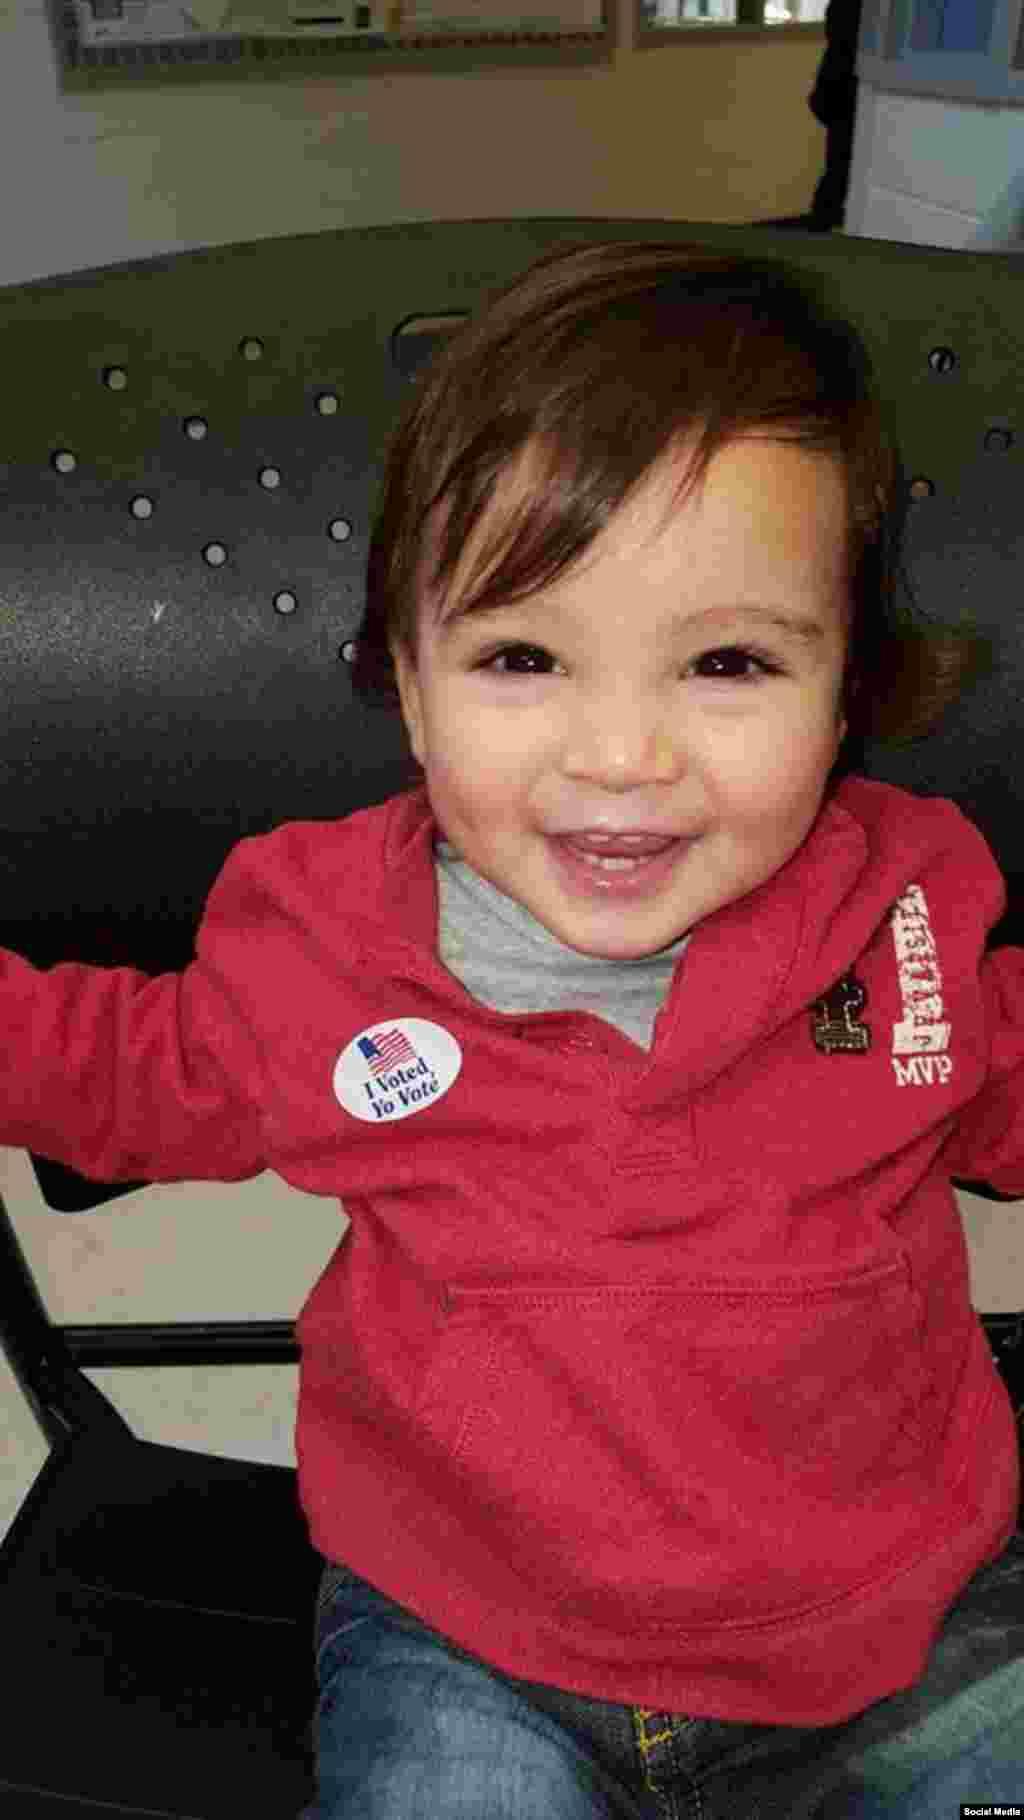 رای گیری انتخابات ریاست جمهوری آمریکا در ایالت مریلند، عکس ارسالی: Maria Vogel